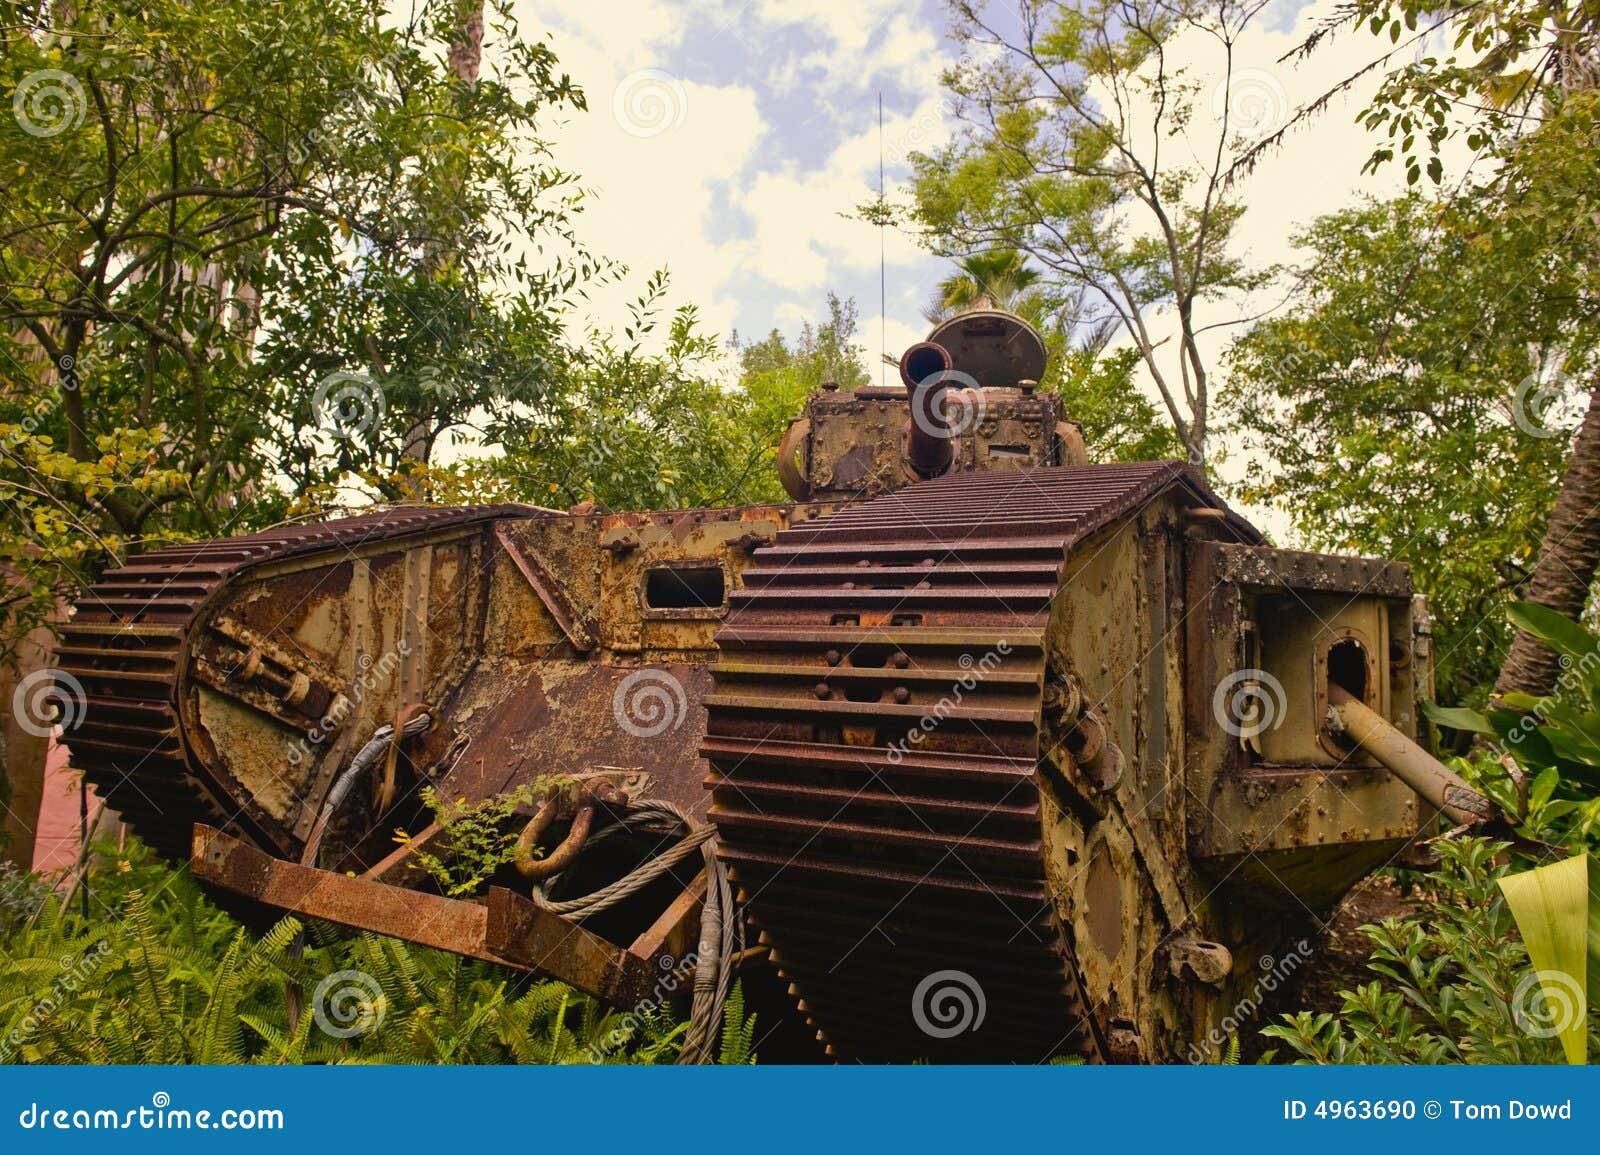 Rusty tank wwi niemiecki